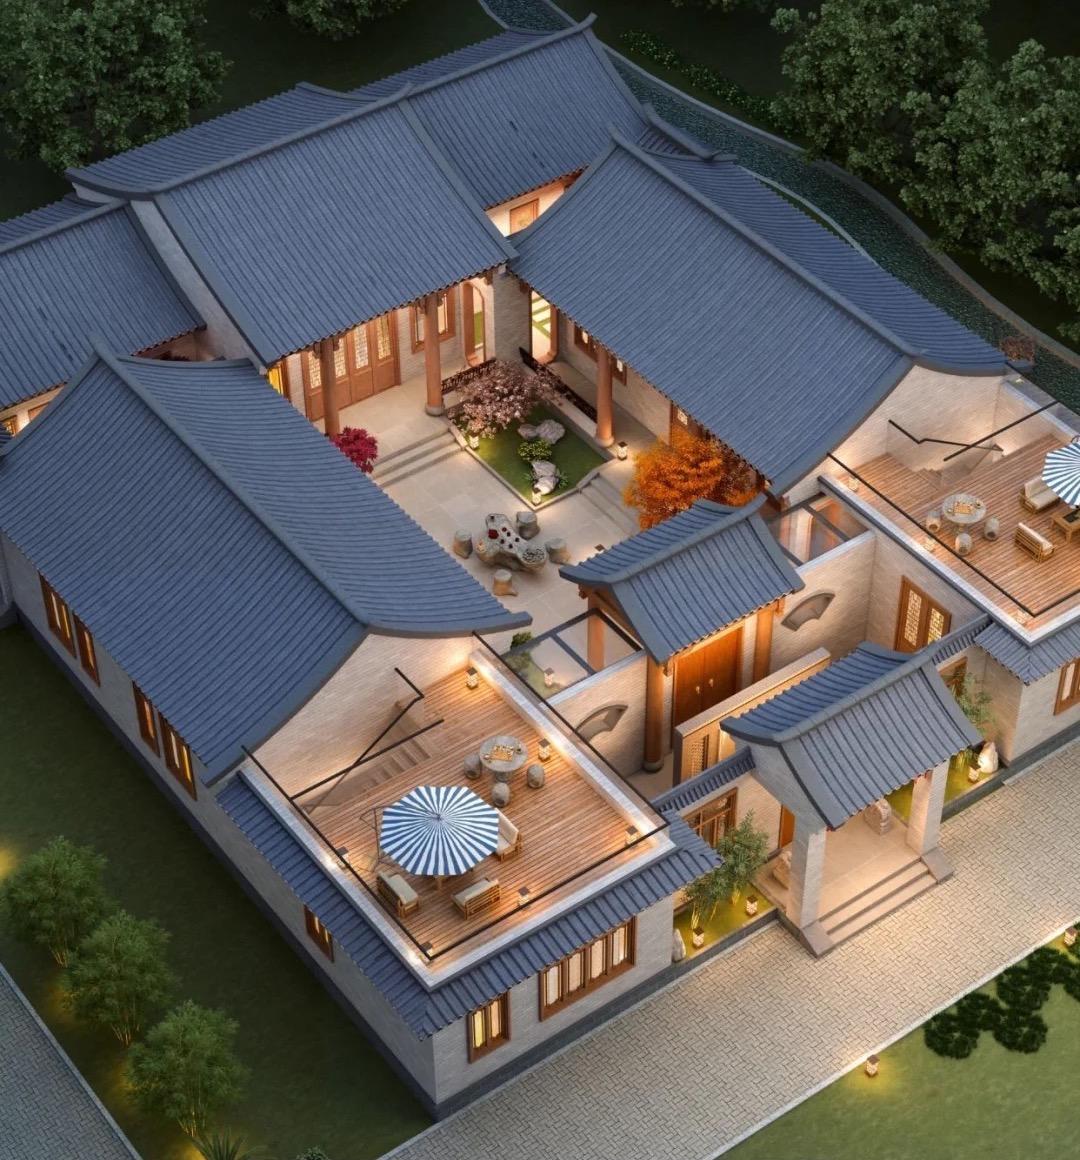 农村自建四合院如何设计,该如何选择装修风格